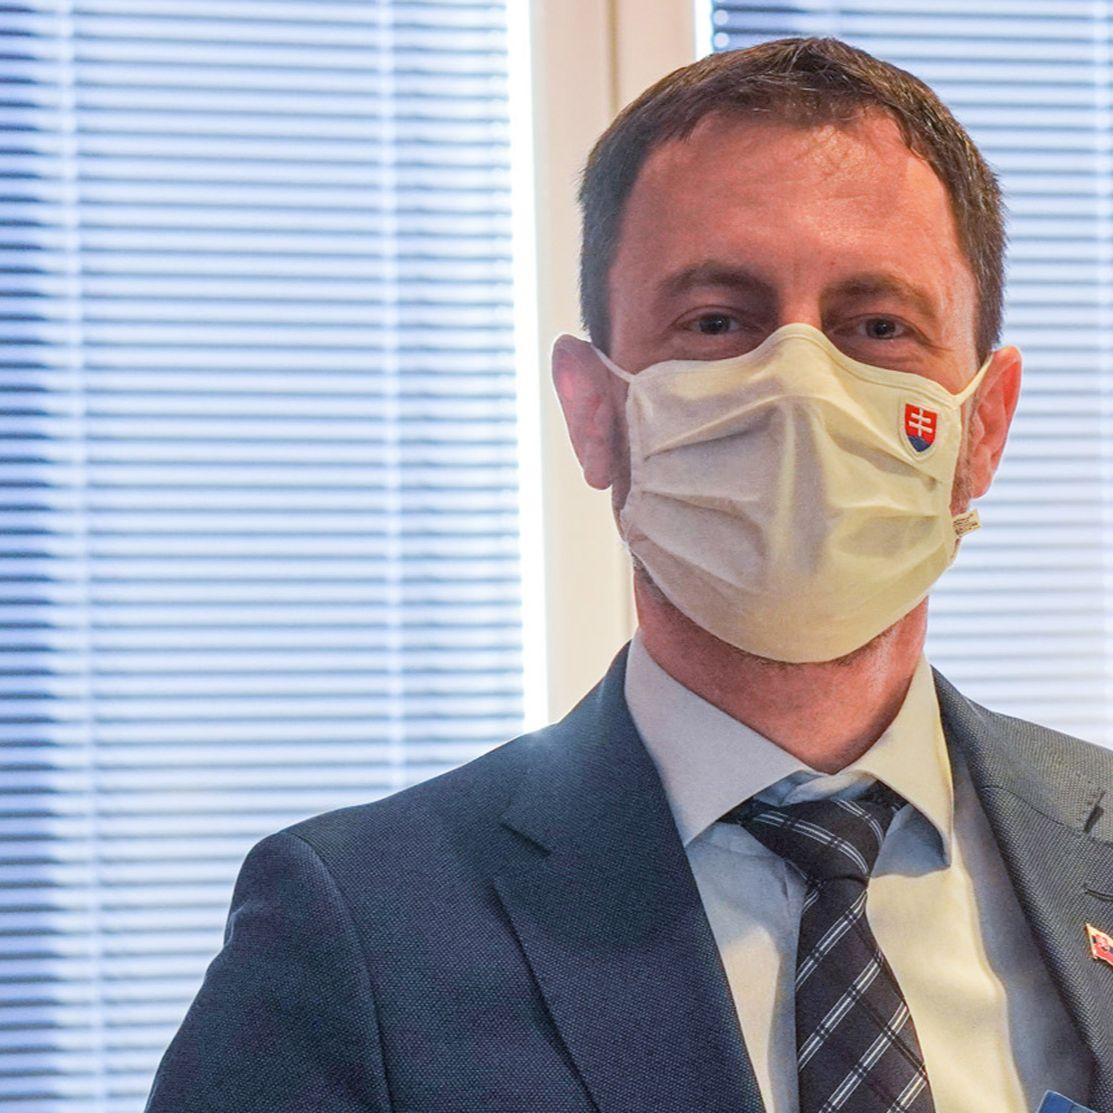 Eduard Heger - Vláda znižuje dane pre autopodnikateľov, fajčiari si zaplatia viac už od januára